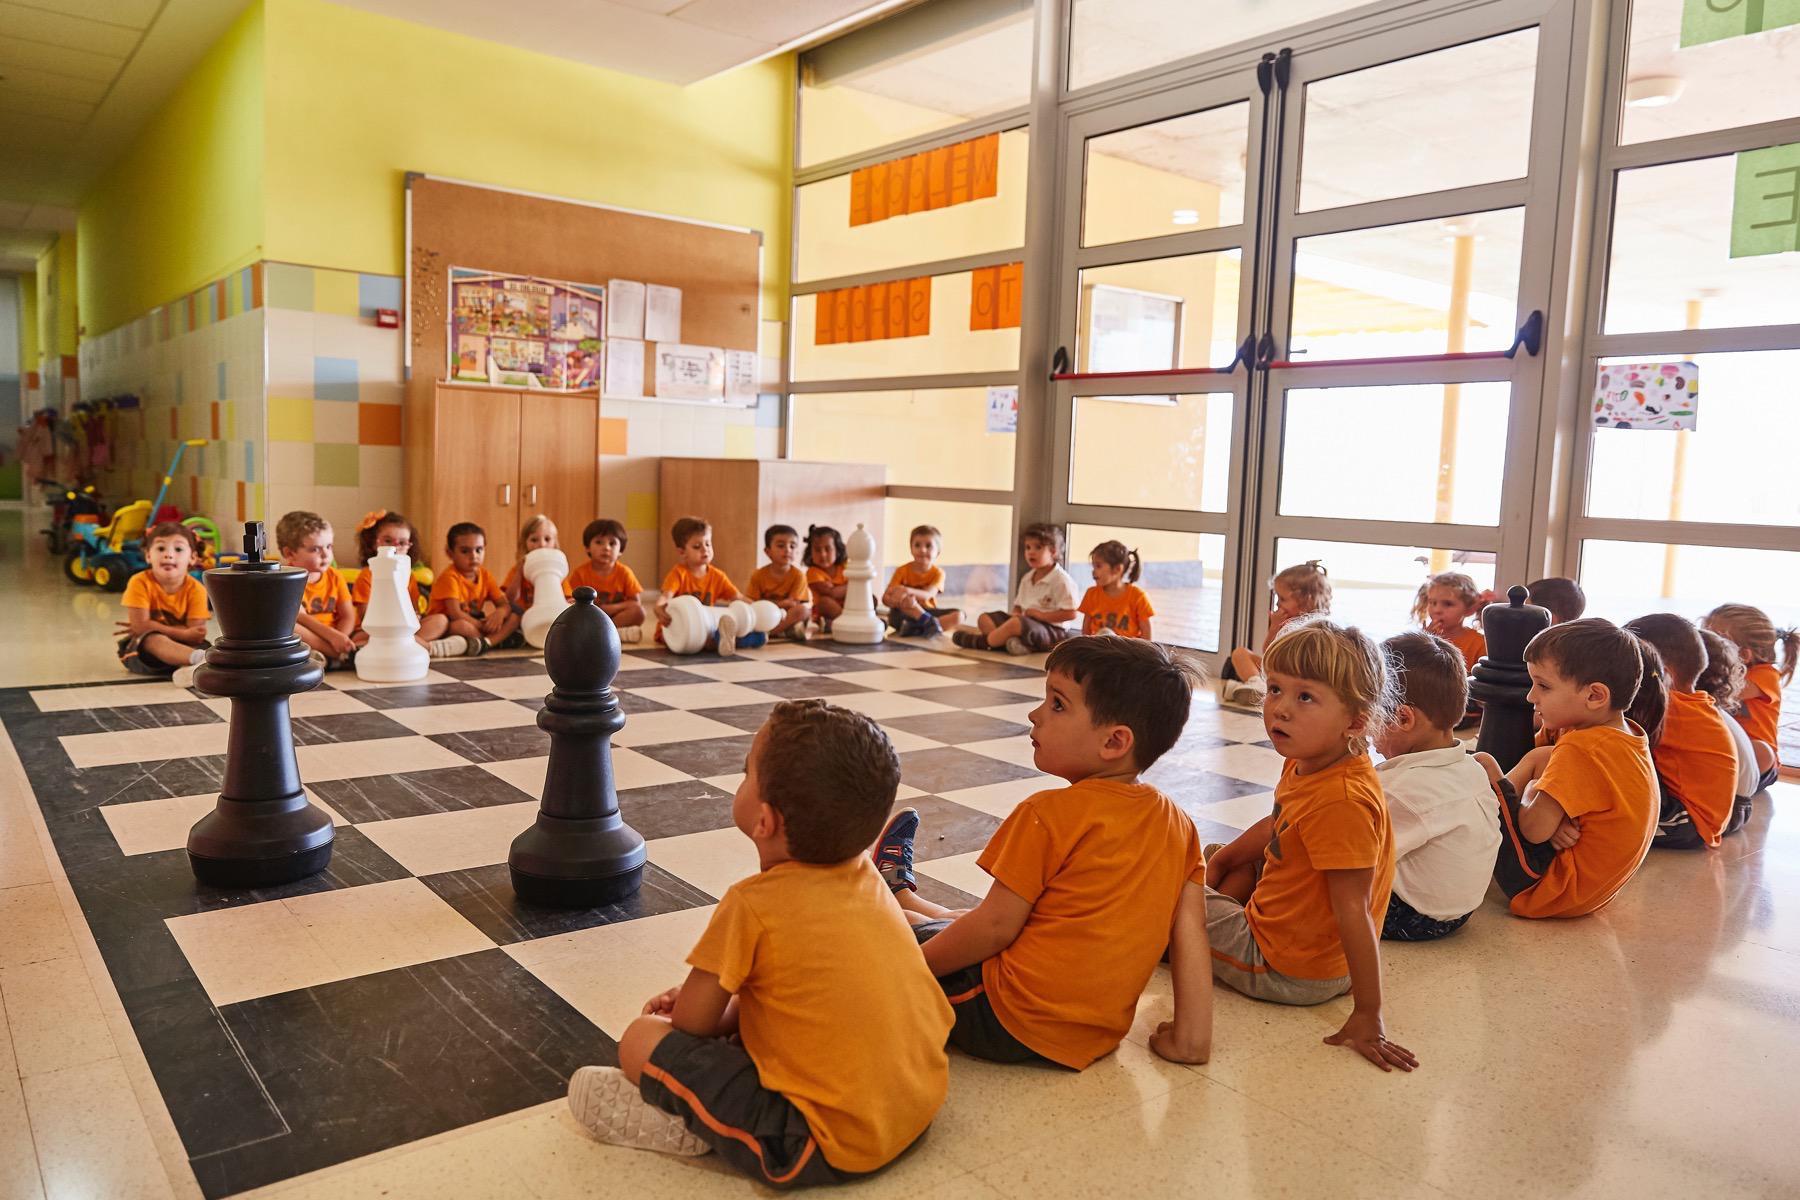 Aprendizaje ajedrez